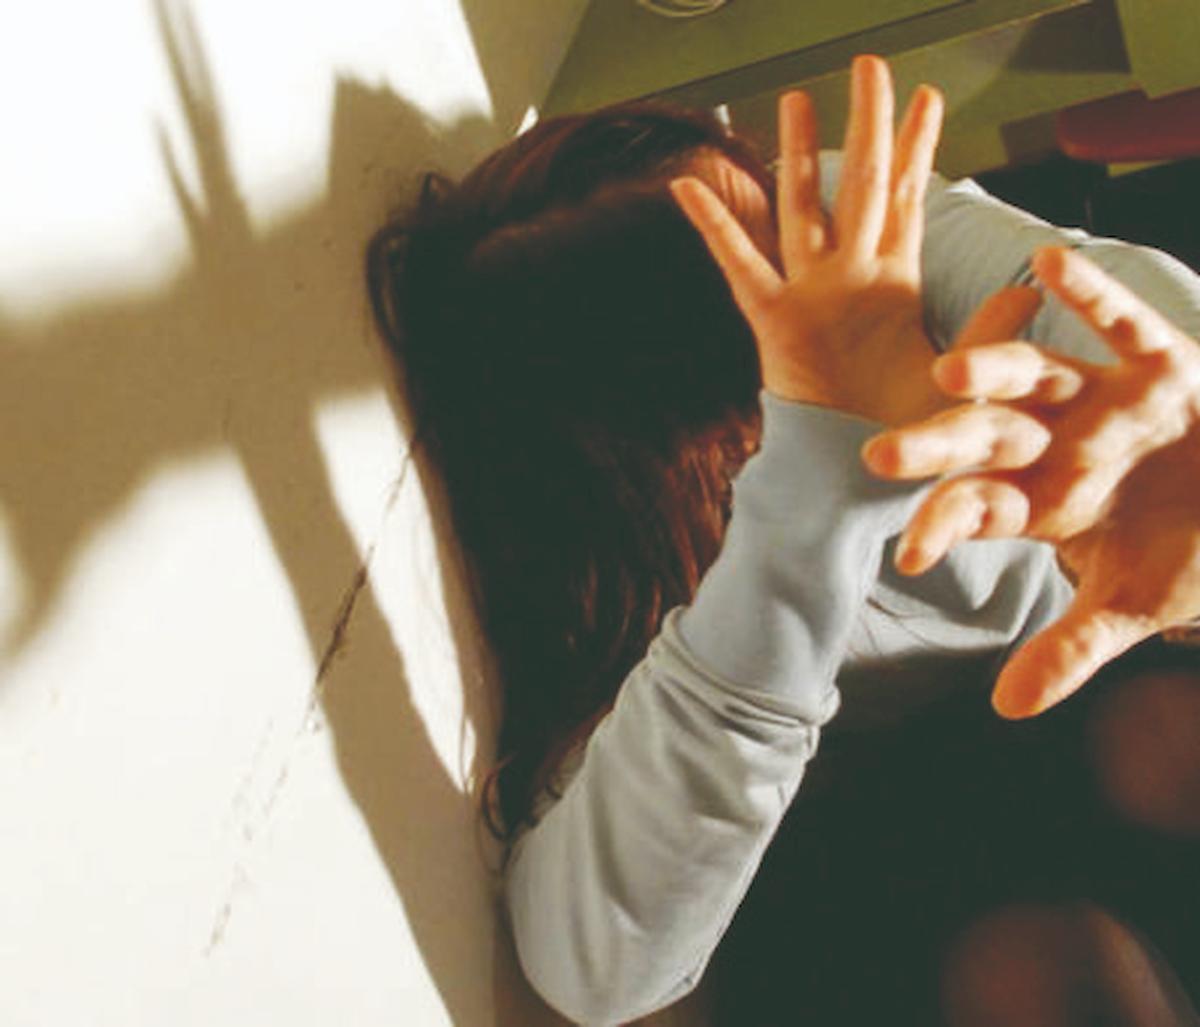 Eunice Spry, la mamma più sadica della Gran Bretagna: ha torturato i suoi figli adottivi per 17 anni